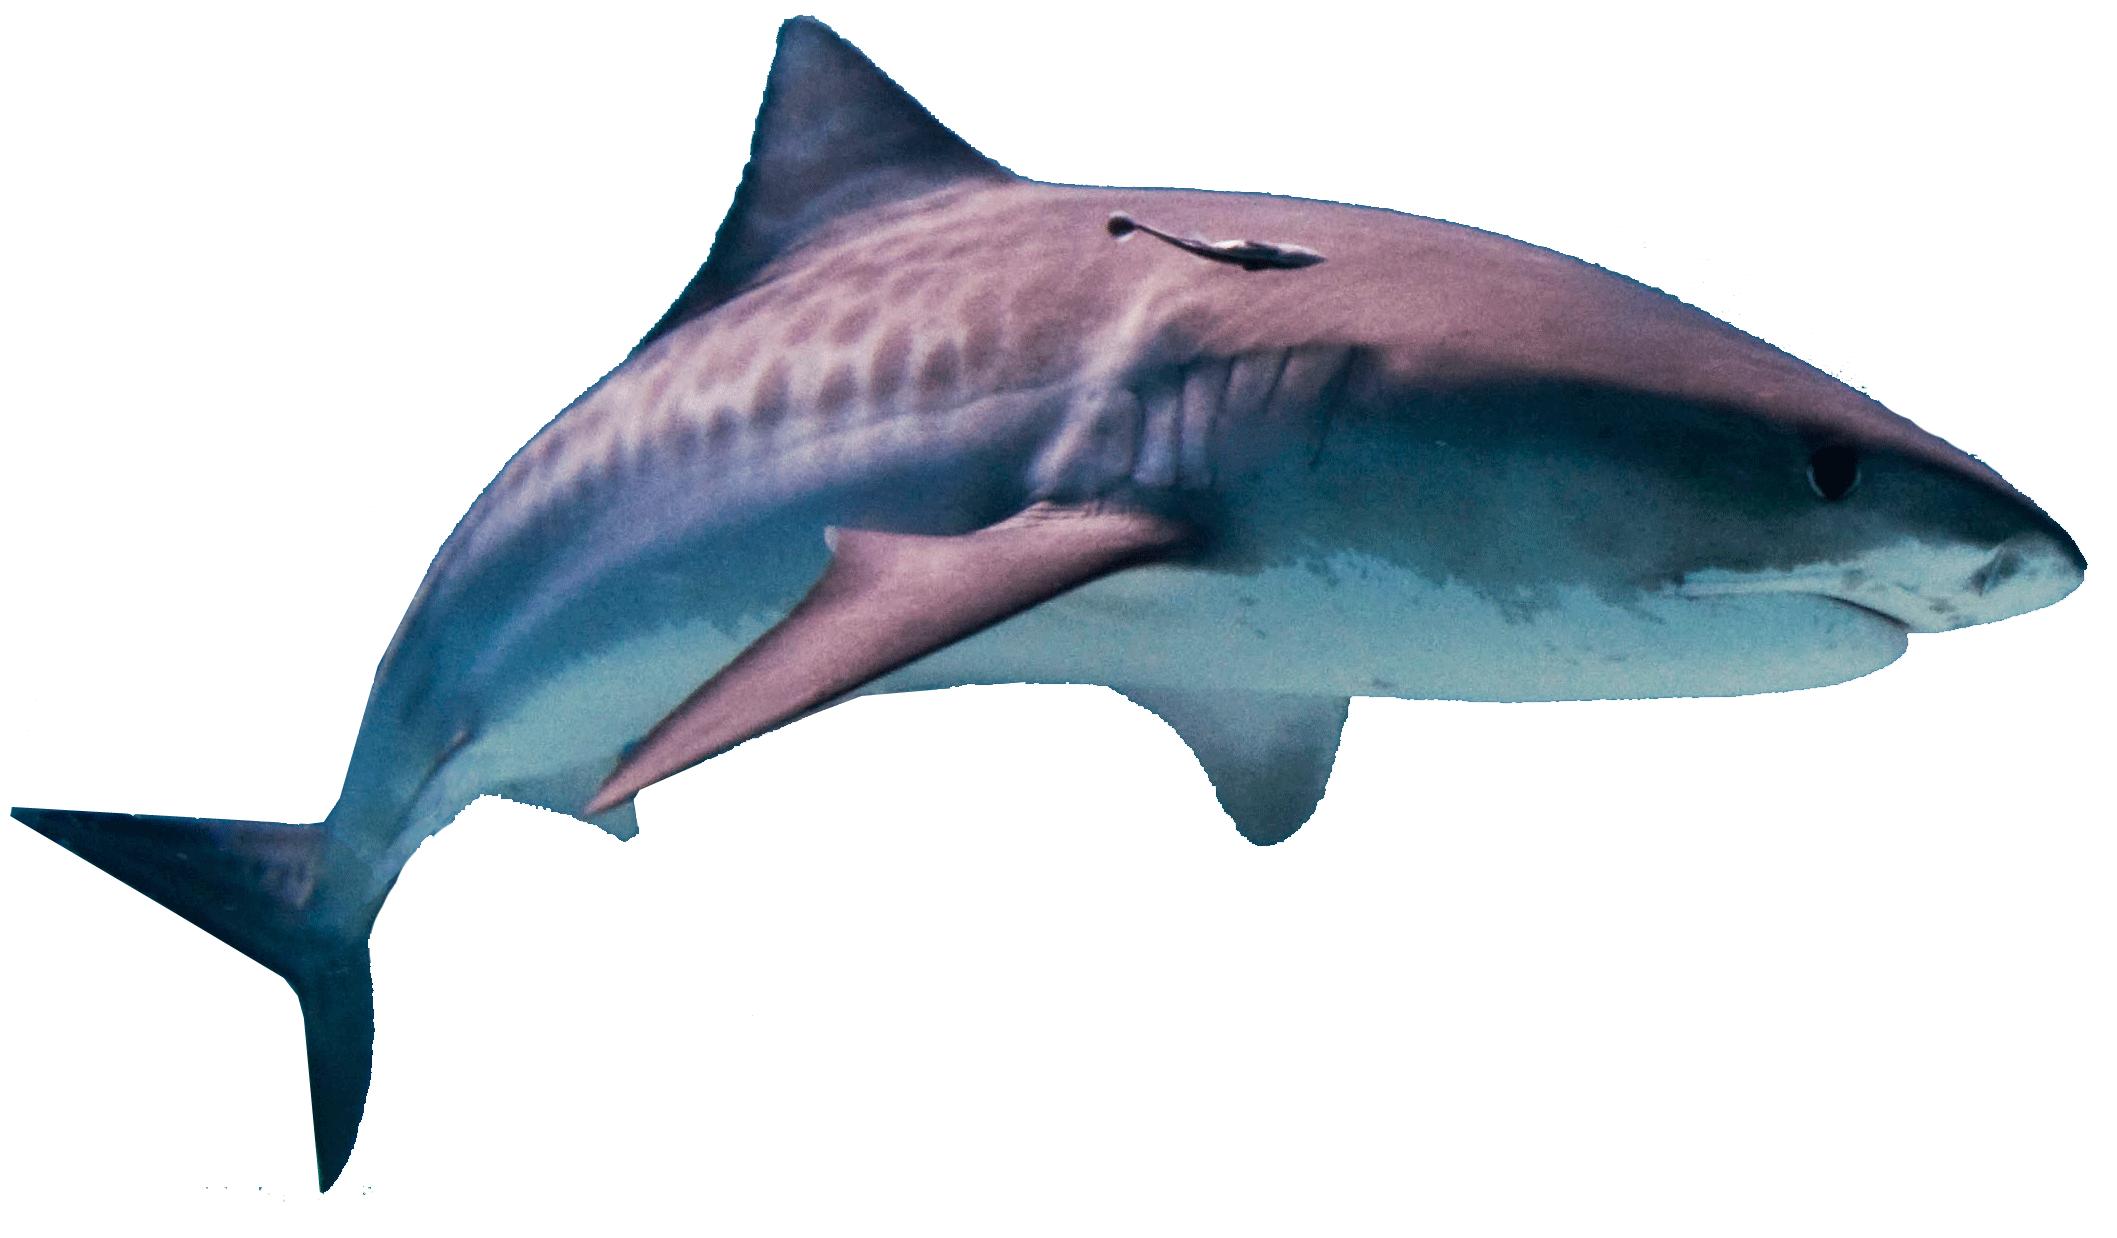 PNG File Name: Shark PlusPng.com  - Shark PNG